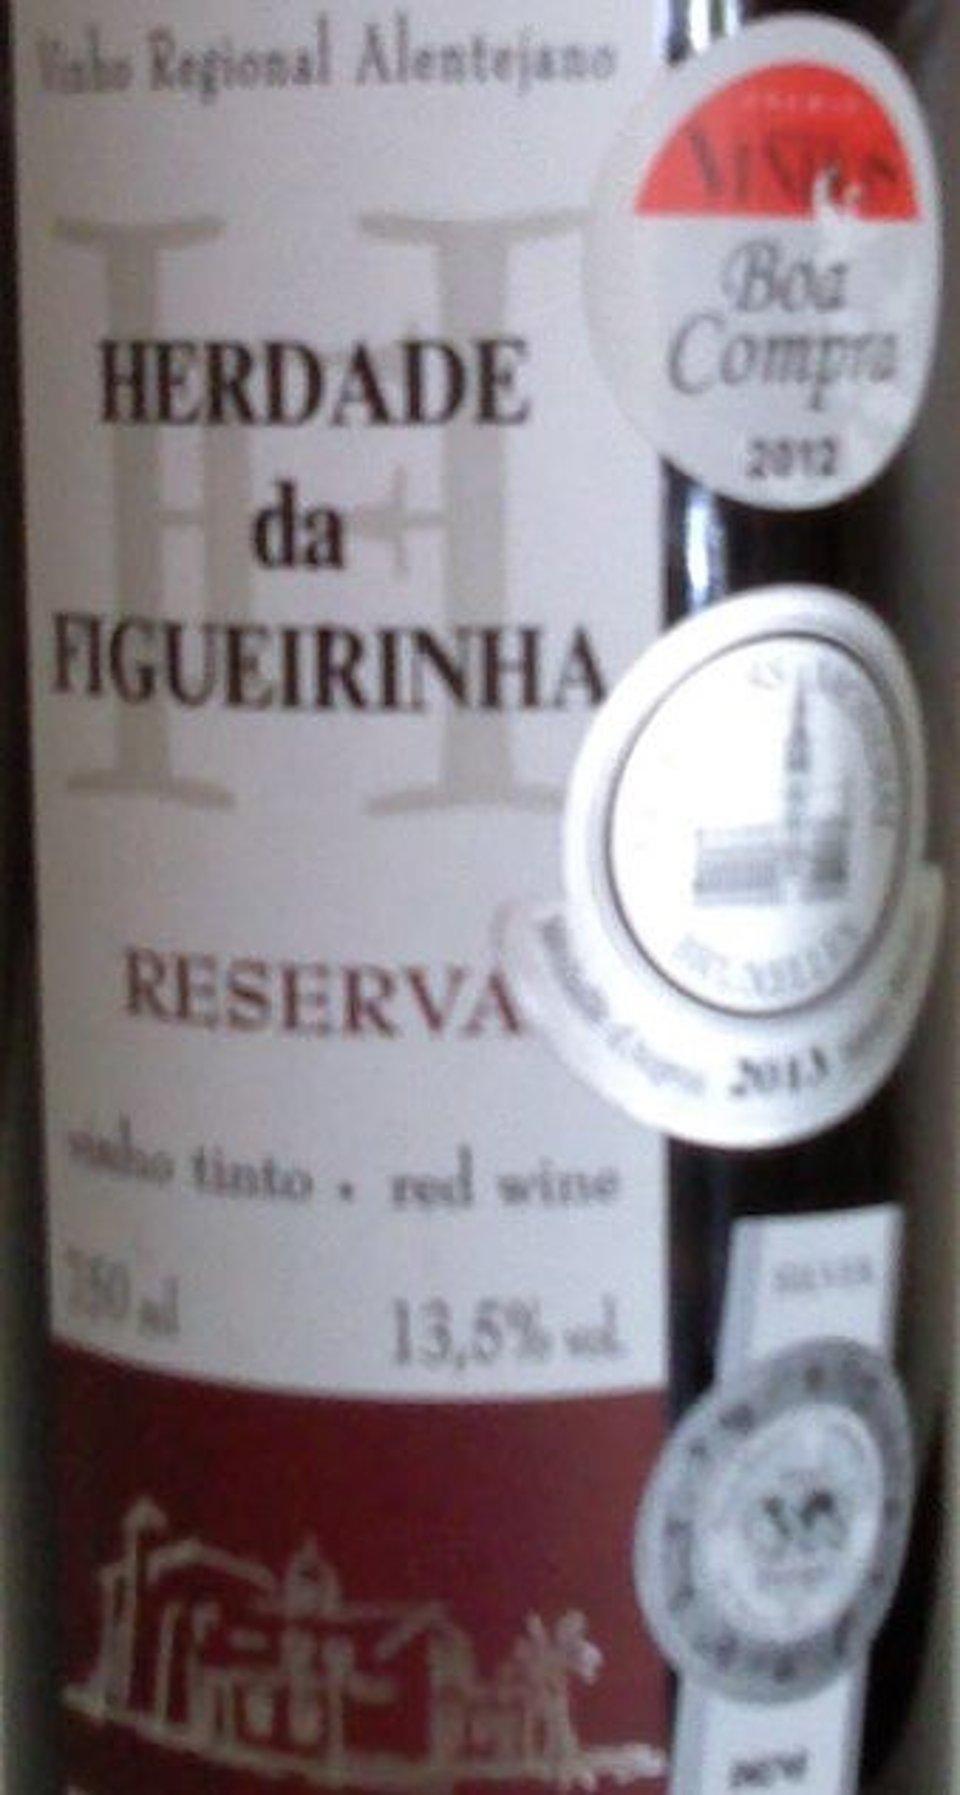 Figueirinha Reserva Tinto